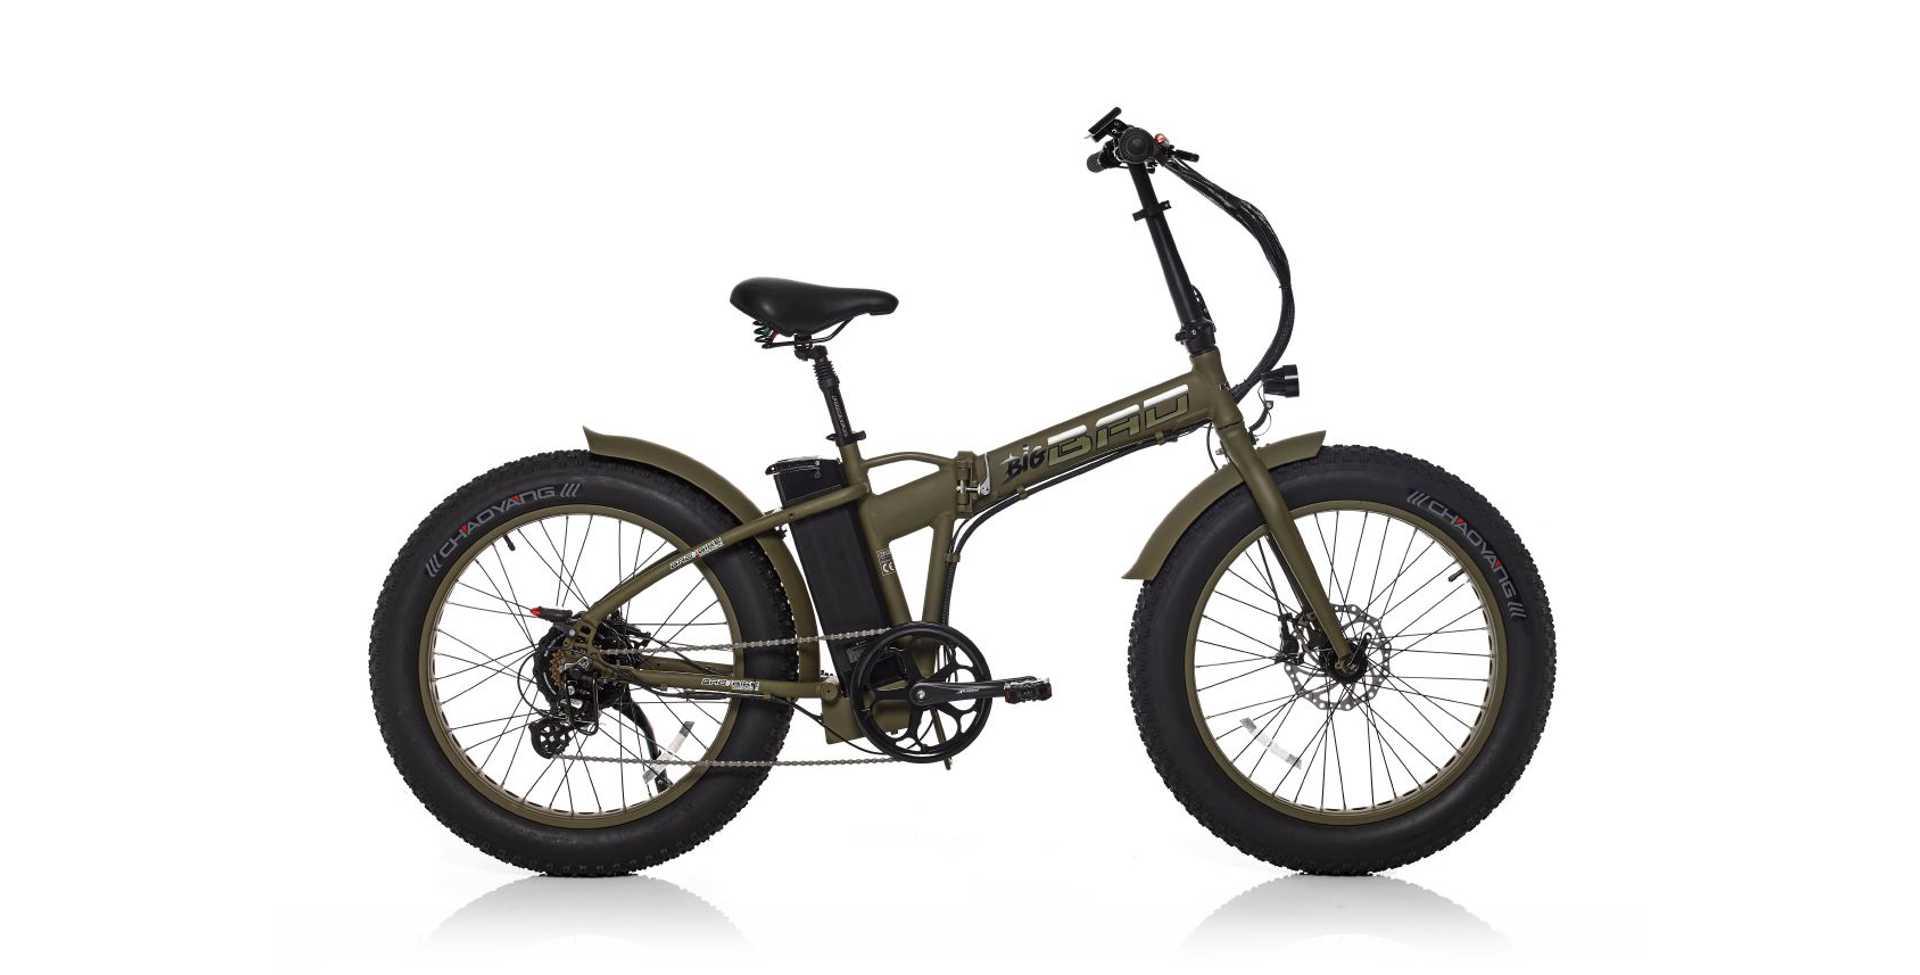 big bad fat e bike stromrider retro e bikes und urbane. Black Bedroom Furniture Sets. Home Design Ideas